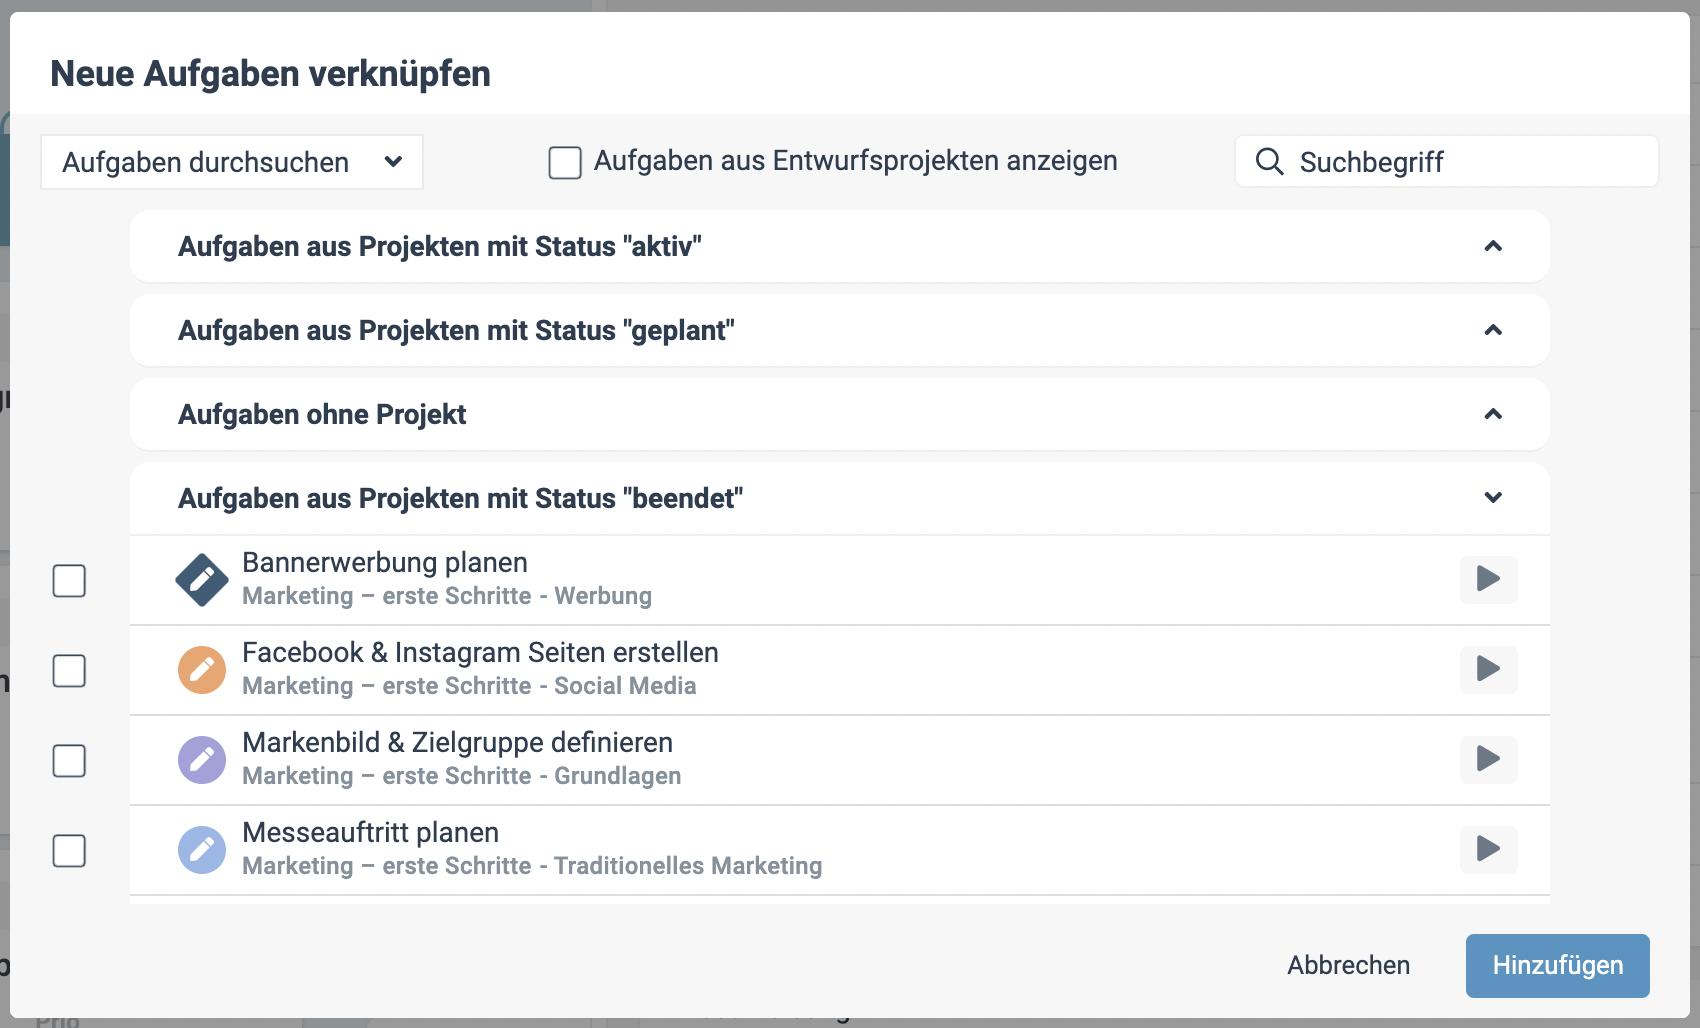 Ein Screenshot der neuen Aufgabenverknüpfung in factro